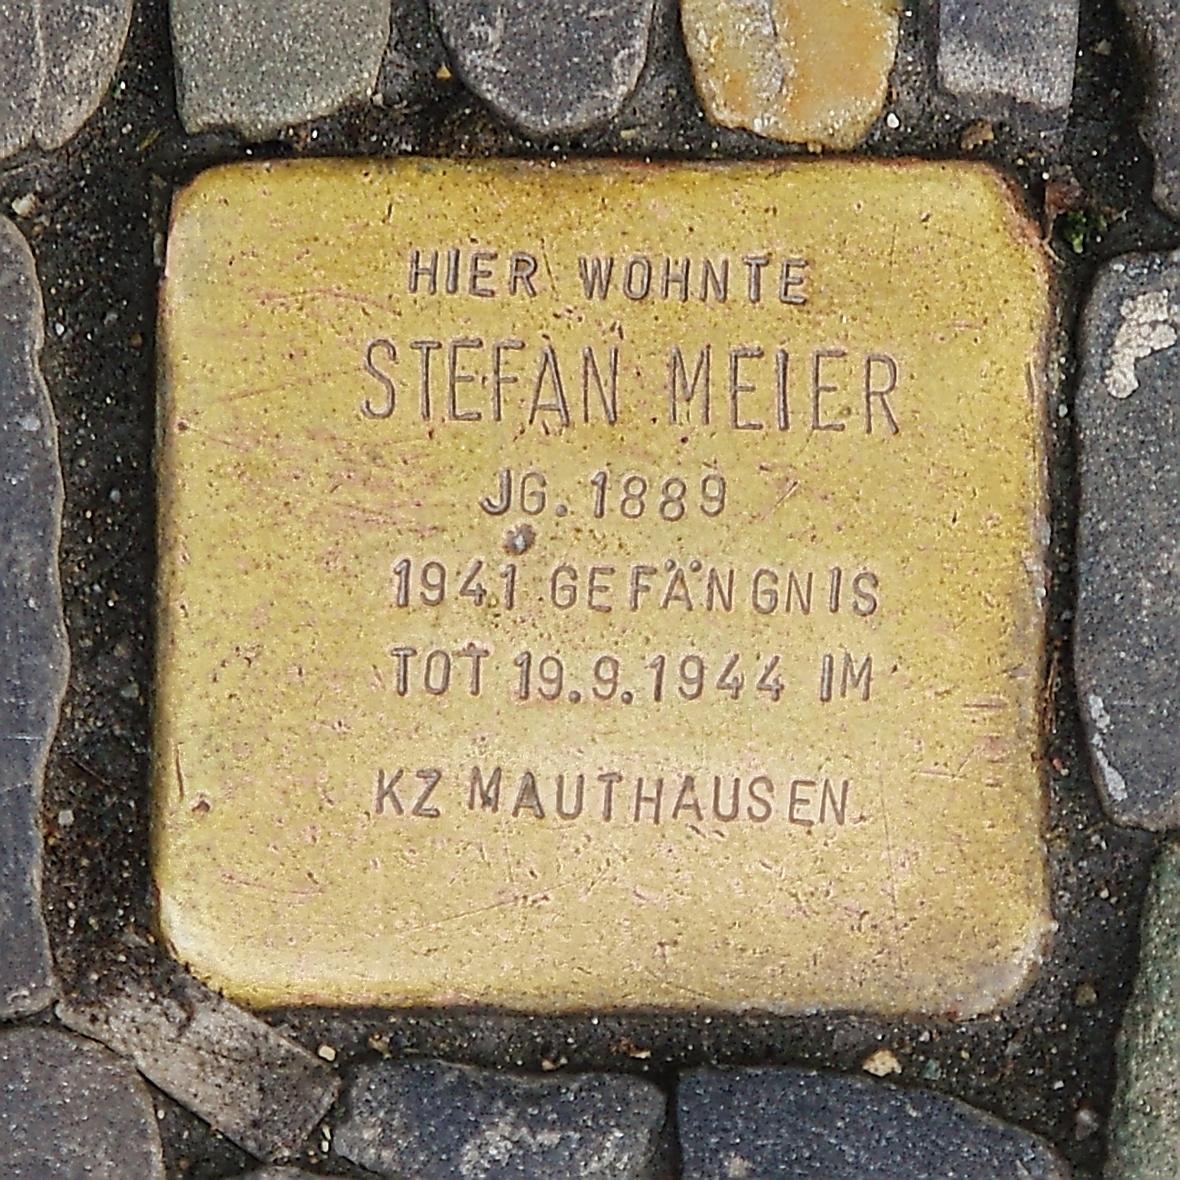 Stumbling Stone of Stefan Meier in Freiburg im Breisgau